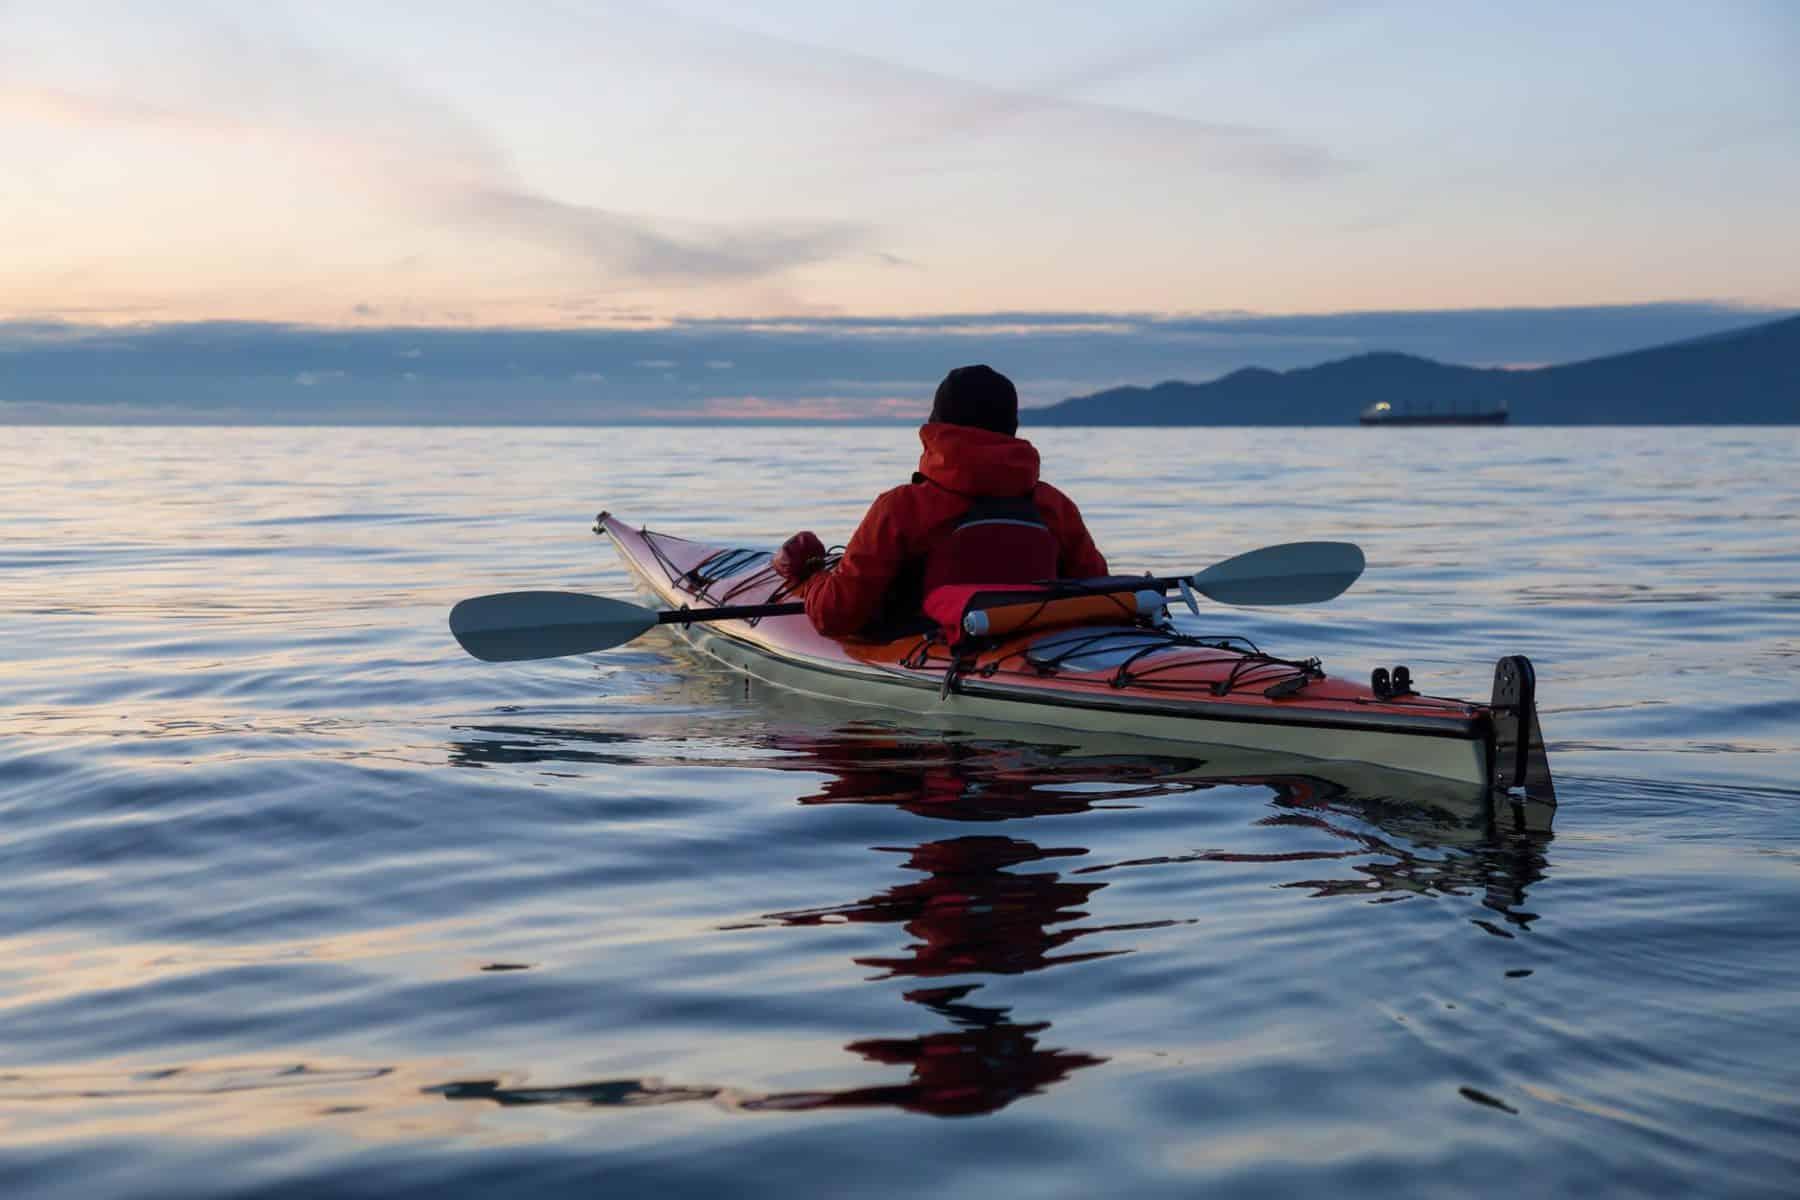 Man in touring kayak in open sea